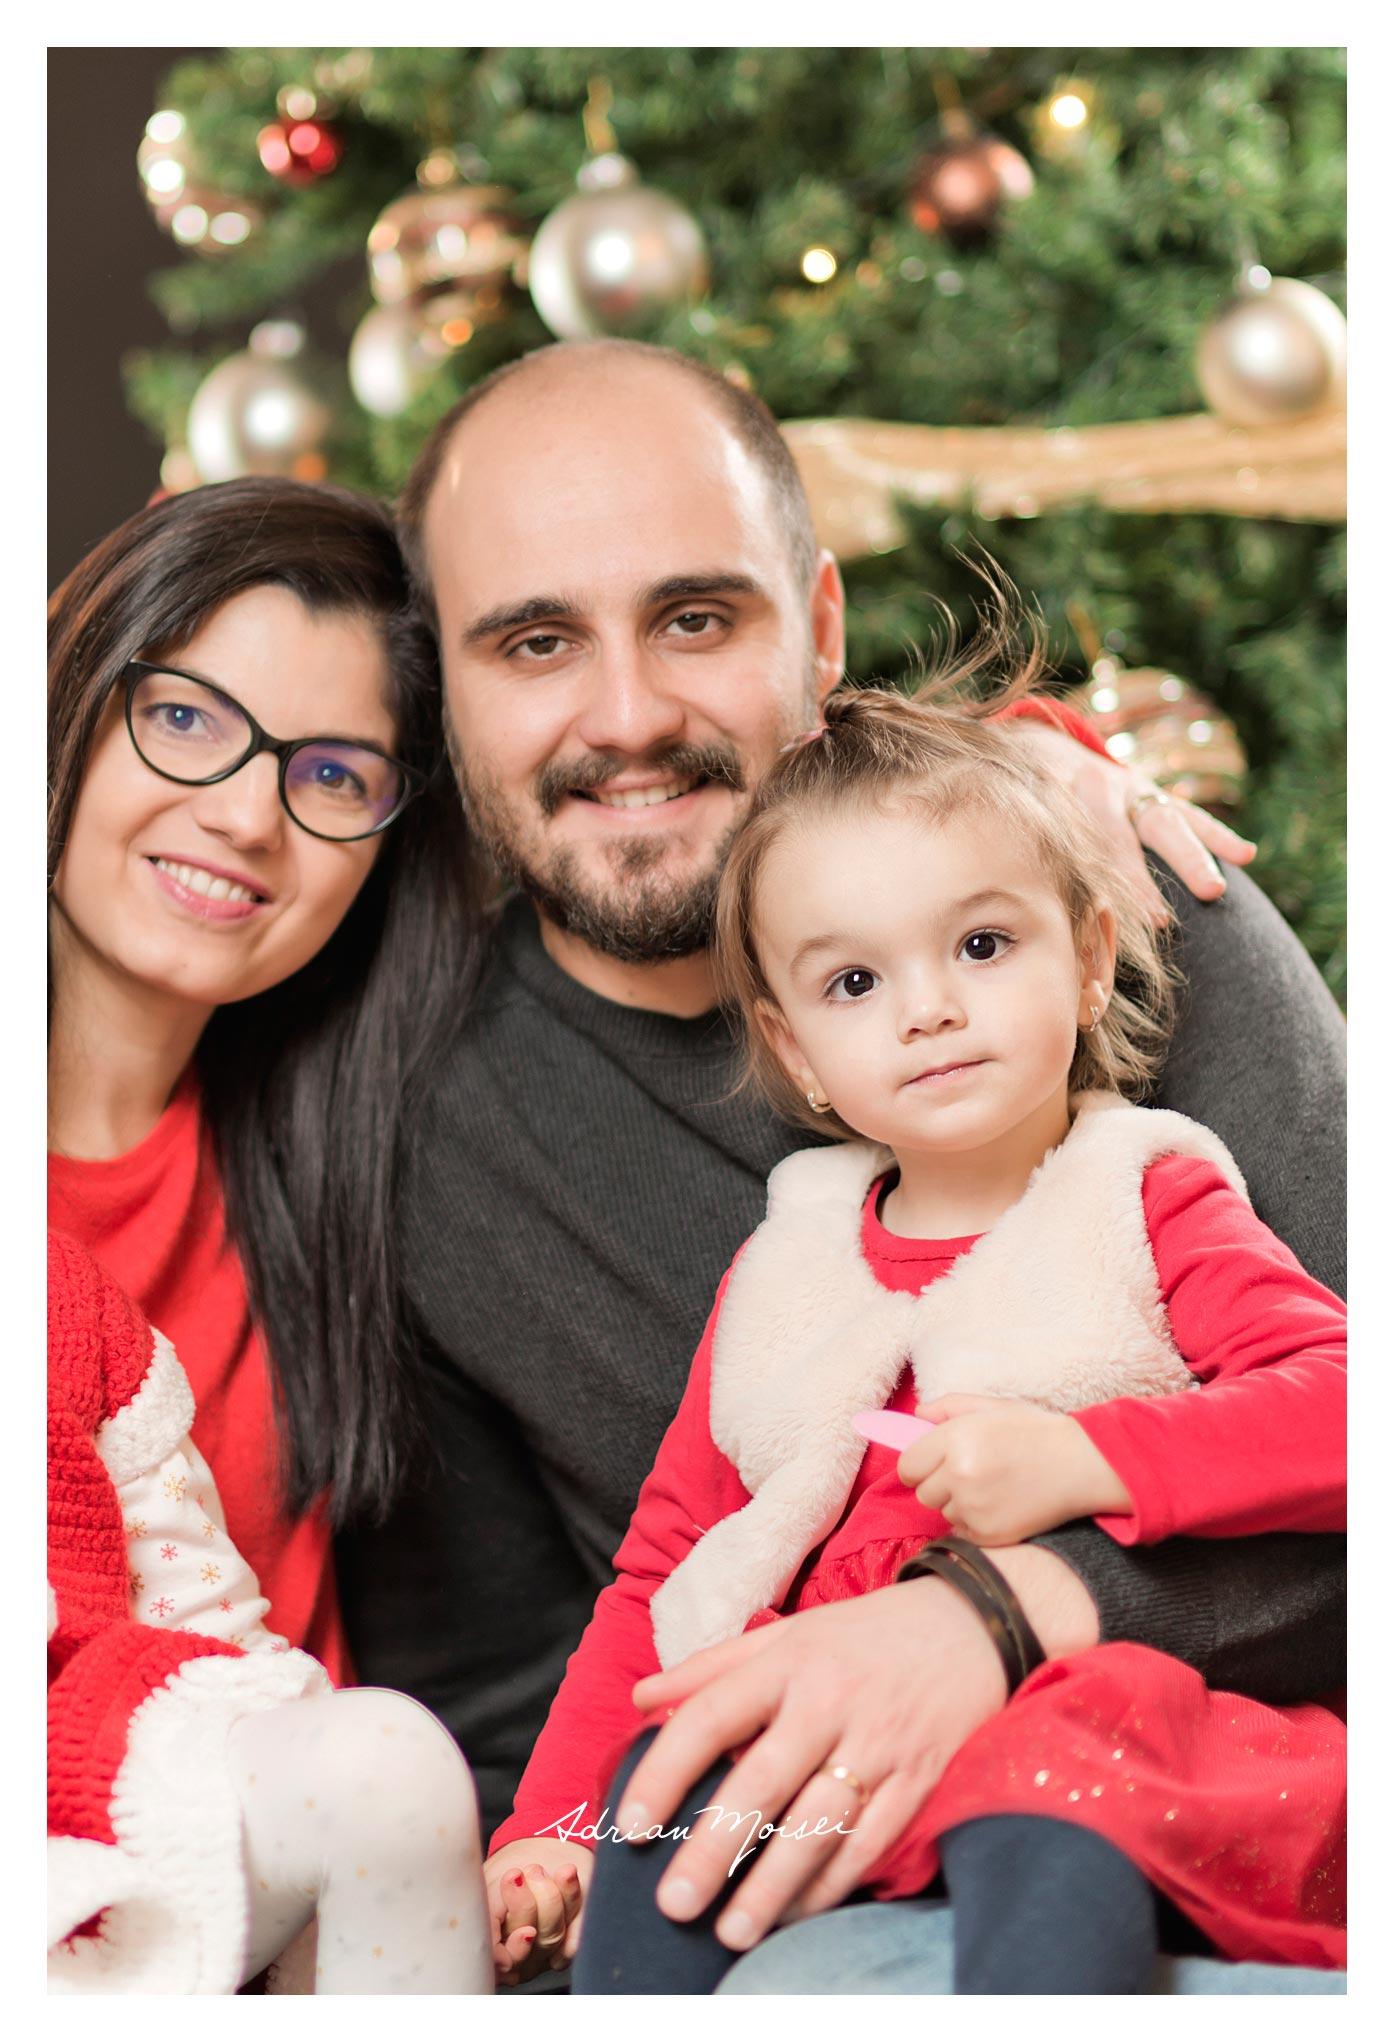 De Crăciun, fotografie de familie, Adrian Moisei fotograf.